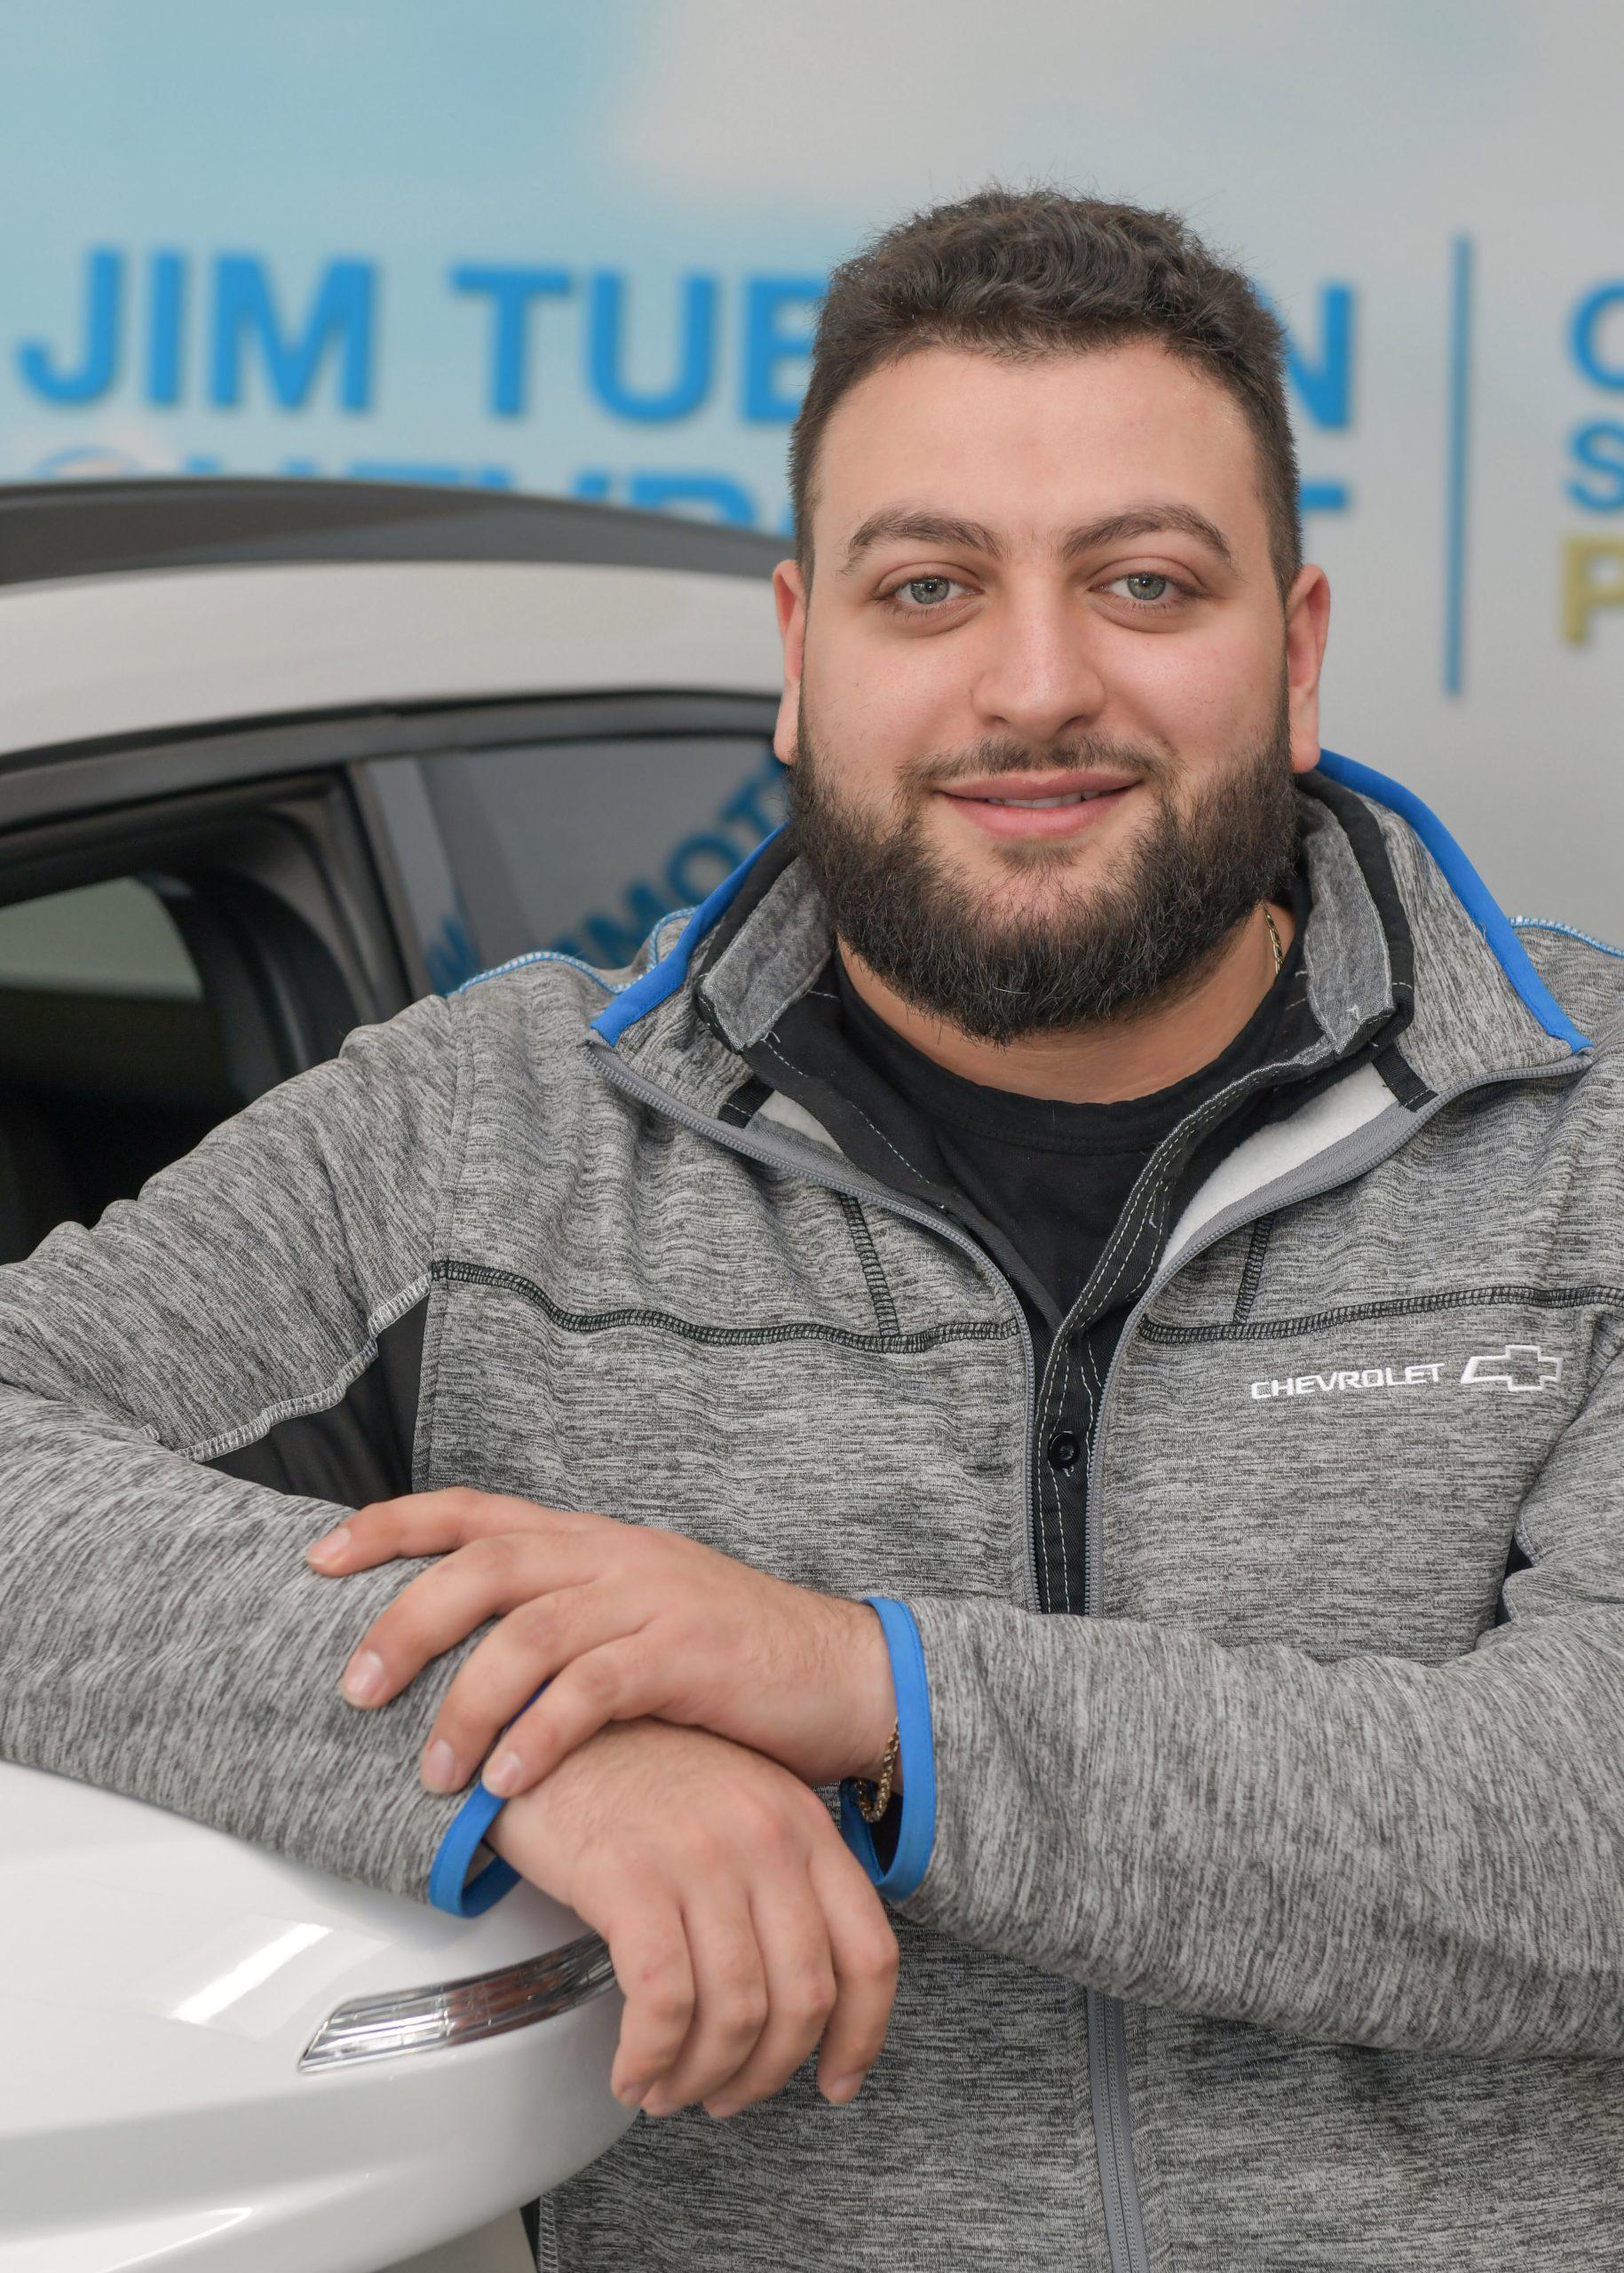 Philip El-Khoury